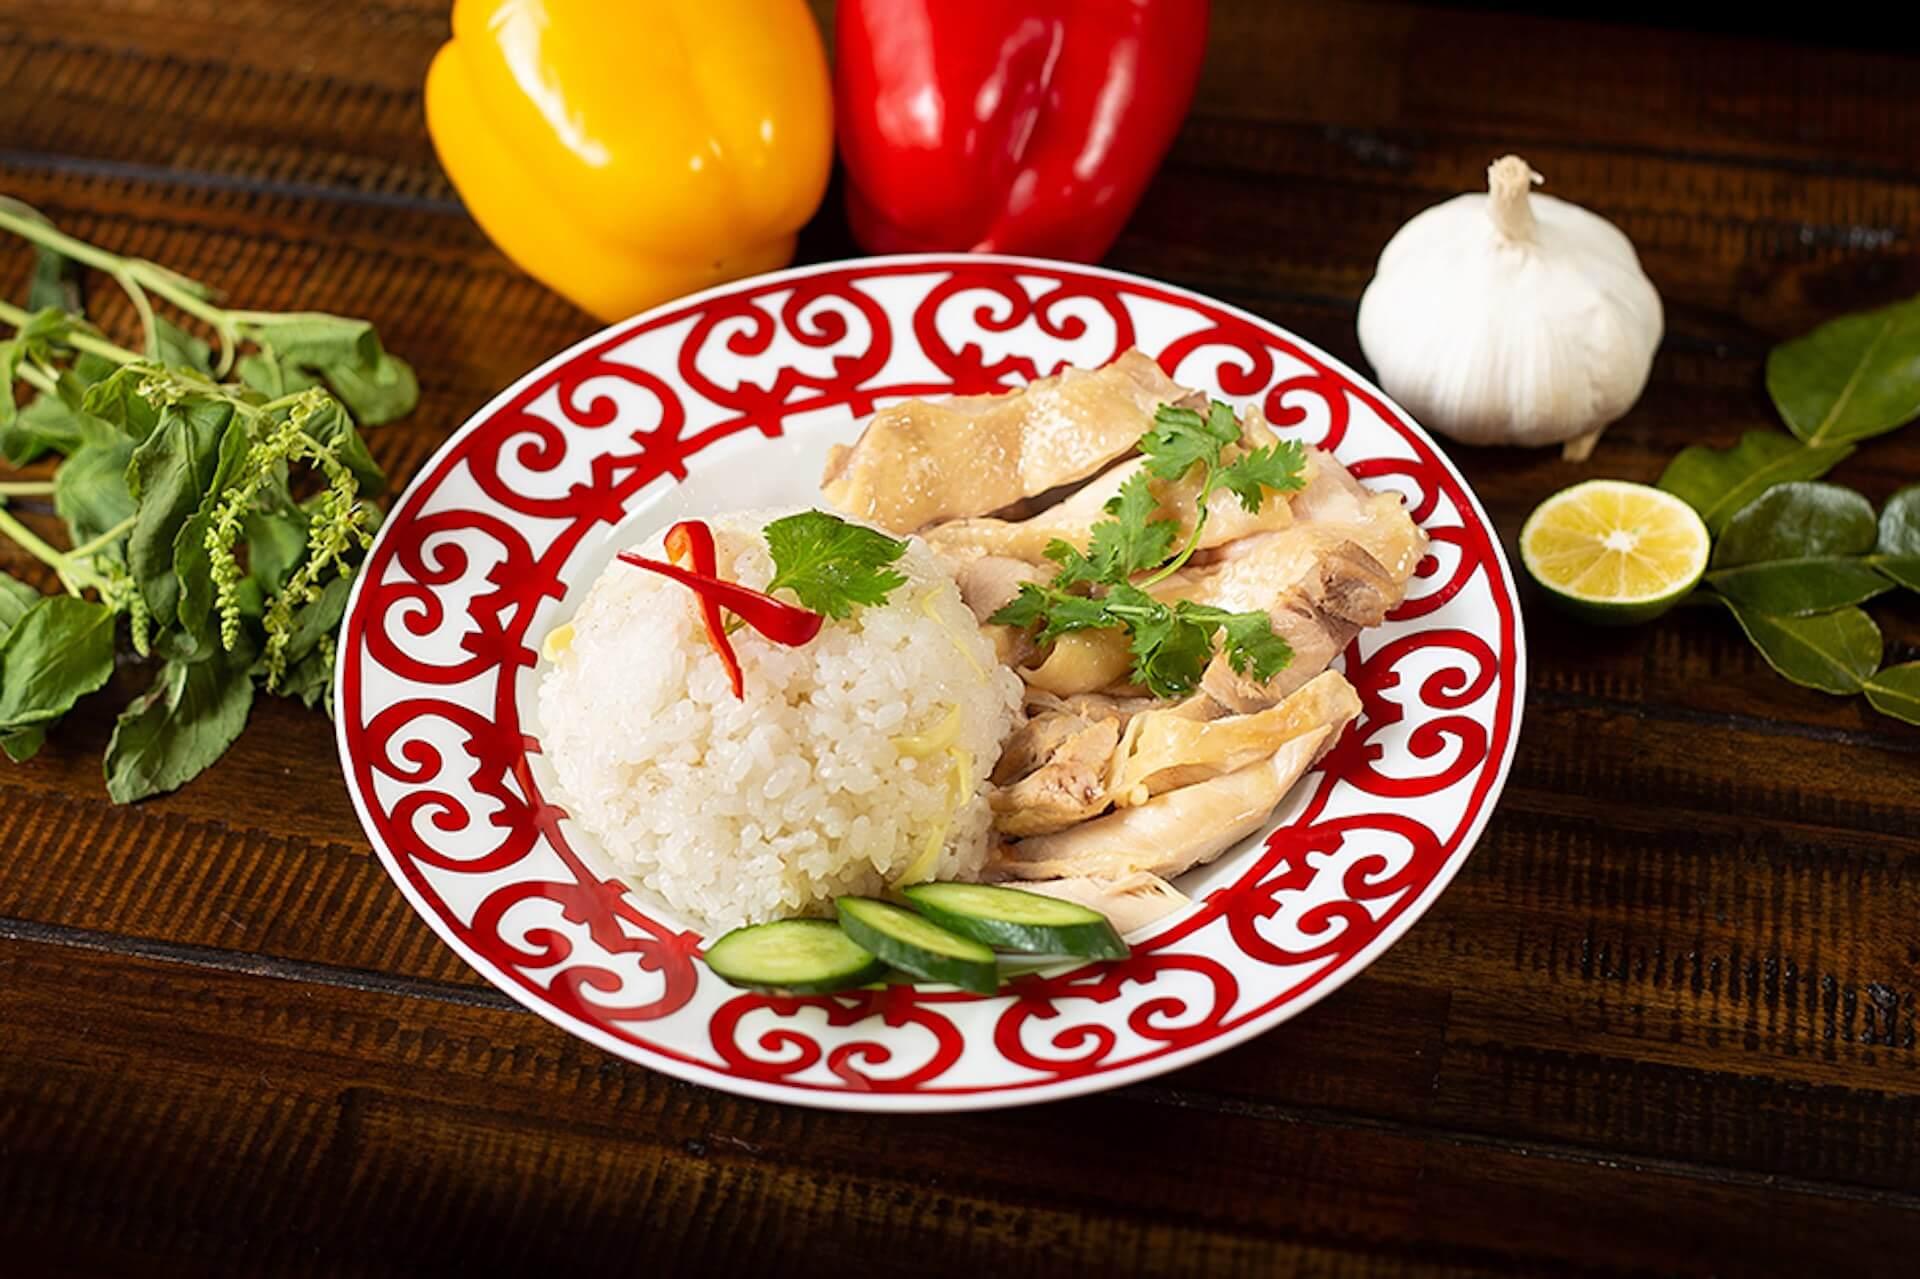 人気タイ料理をUber Eatsで堪能しよう!恵比寿のPiyanee THAI TEAがテイクアウト&Uber Eats販売スタート gourmet200421_piyanee_takeout_04